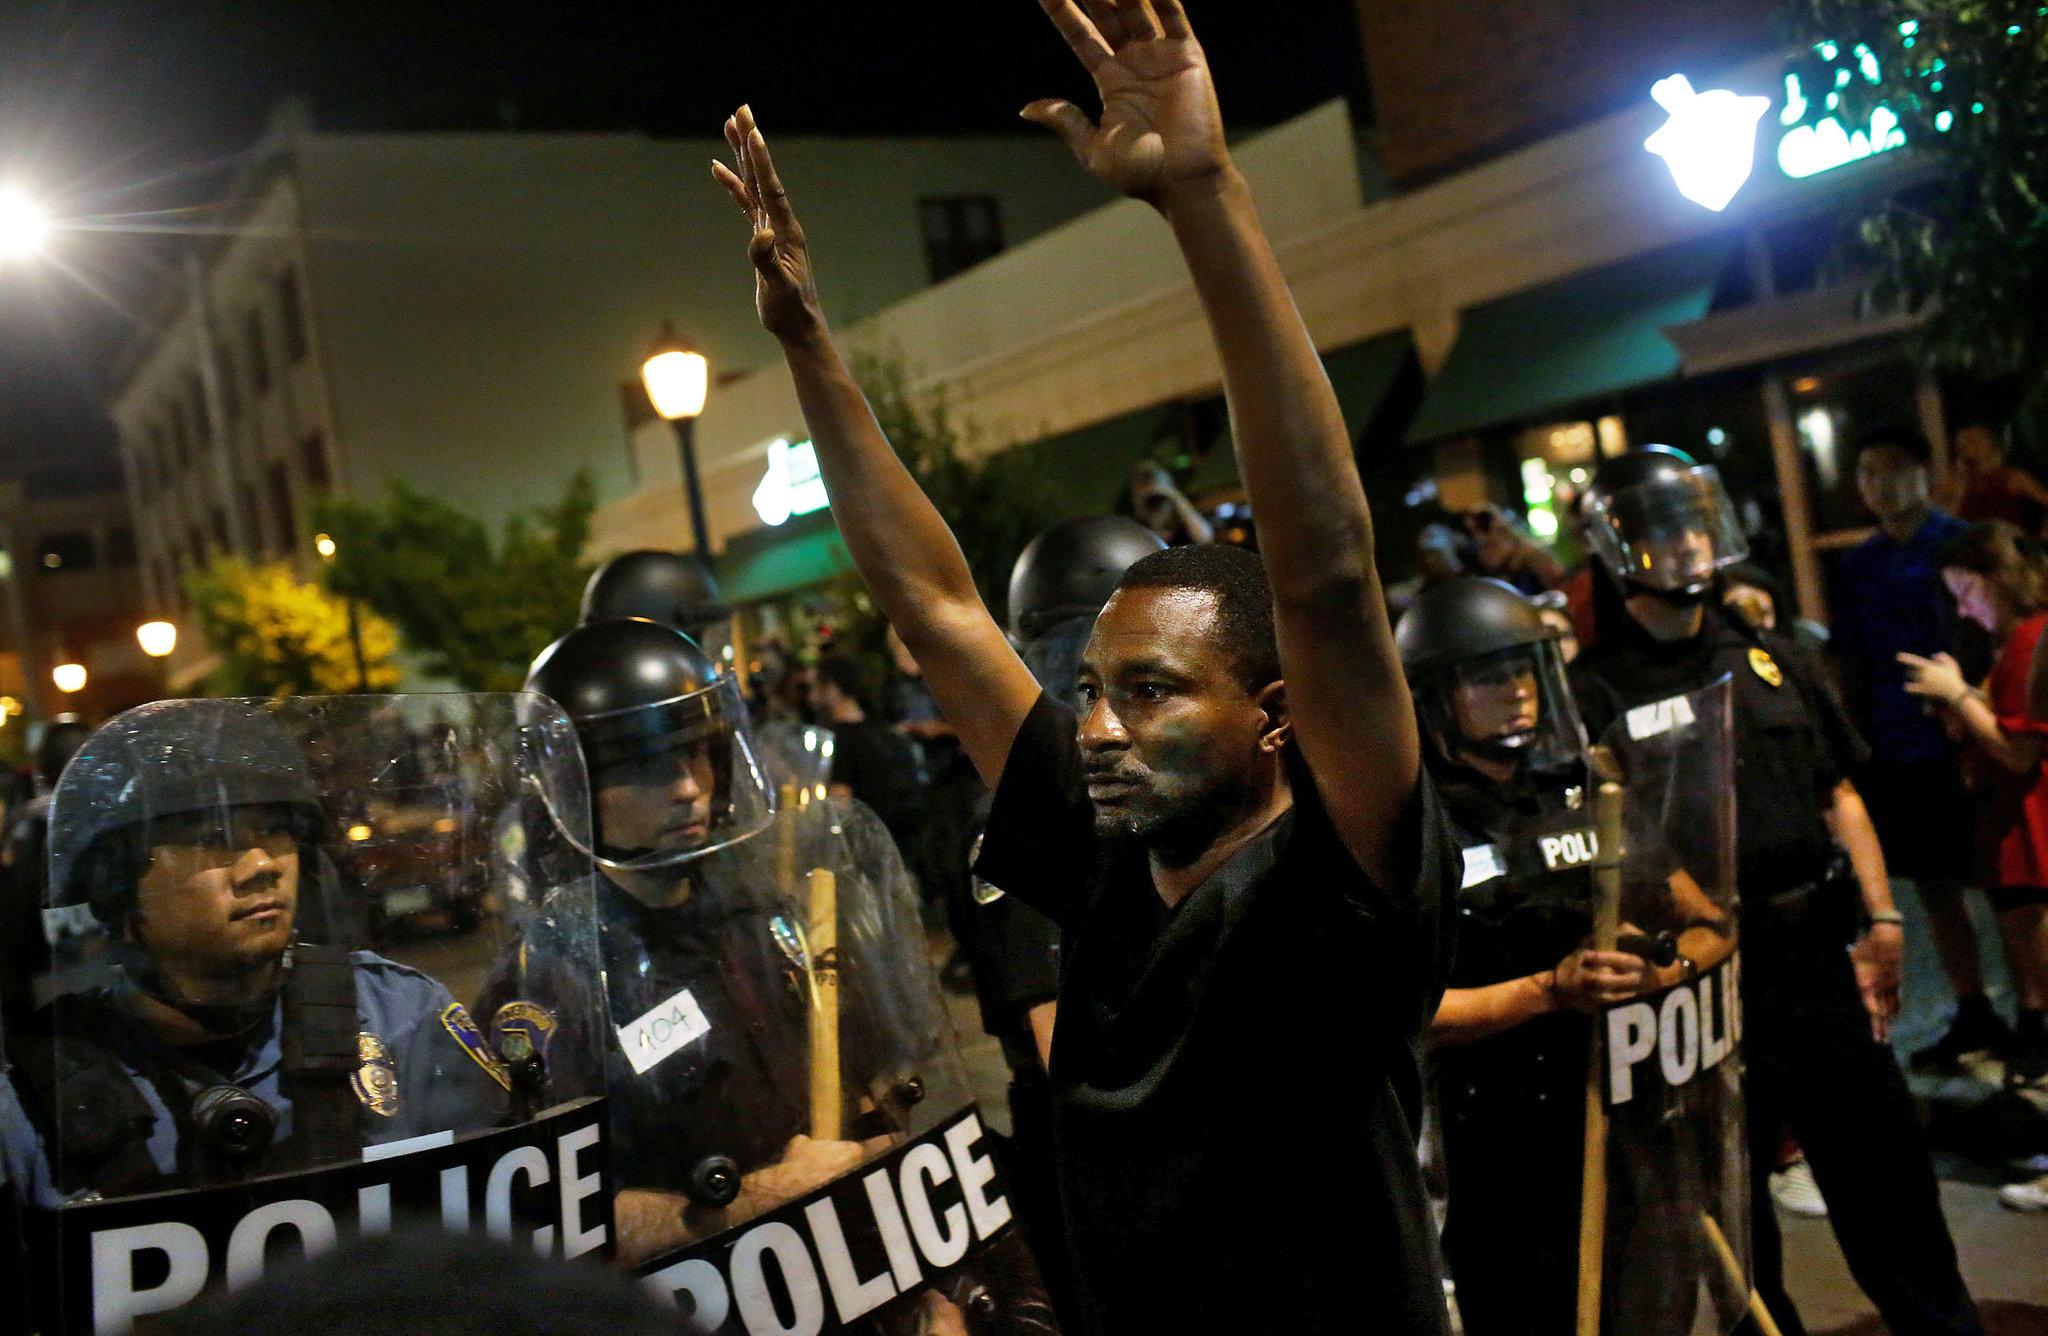 Black Lives Matter आंदोलन और डोनाल्ड ट्रंप की बदनीयती